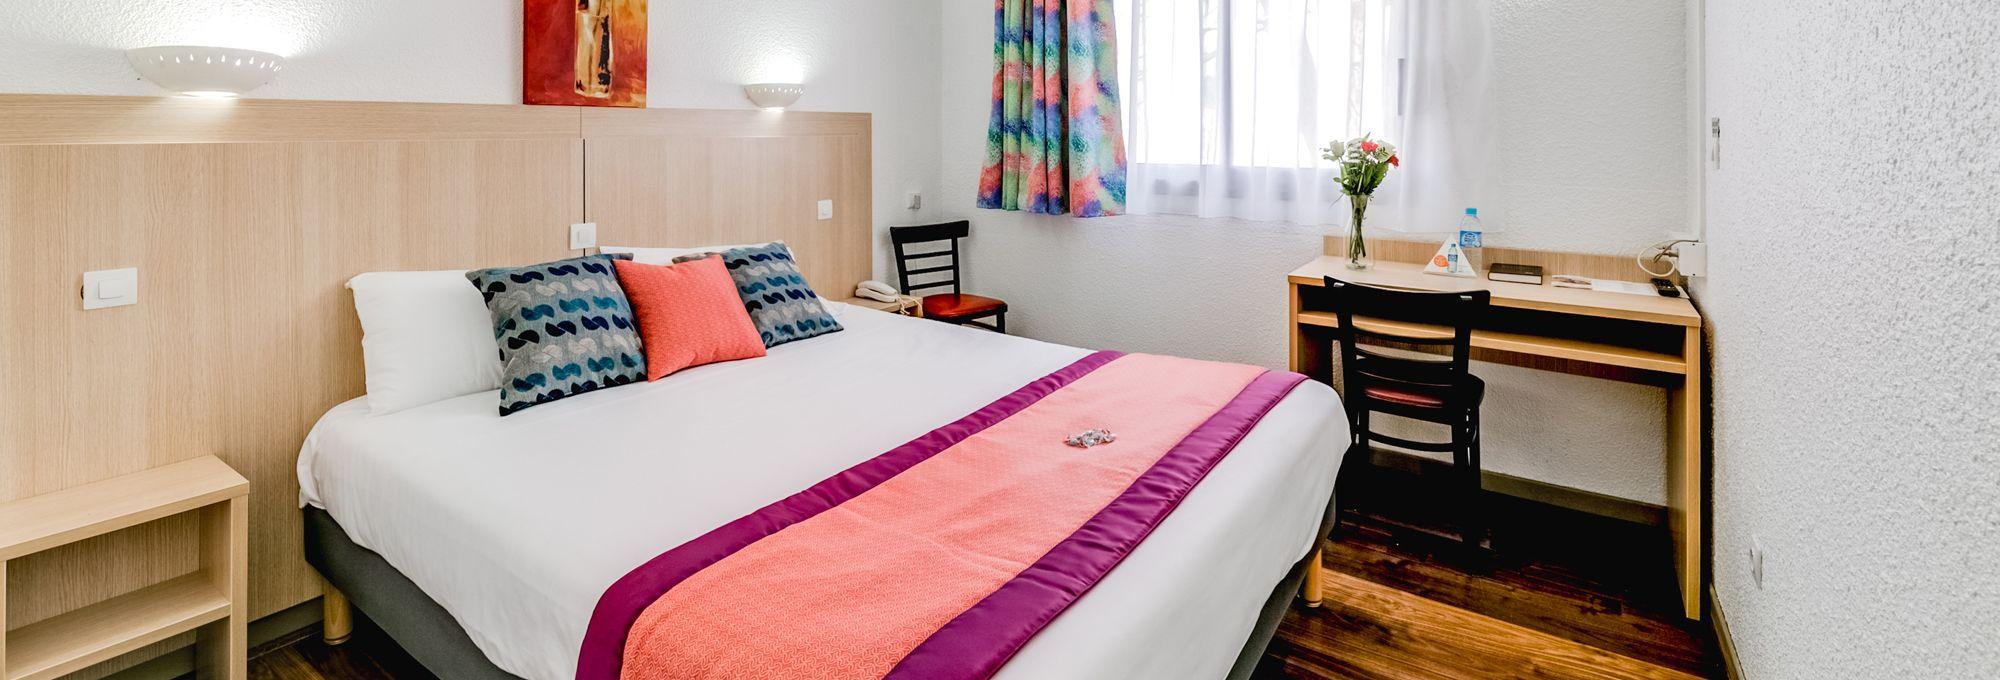 hotel grenoble lib ration r servez en direct sur. Black Bedroom Furniture Sets. Home Design Ideas